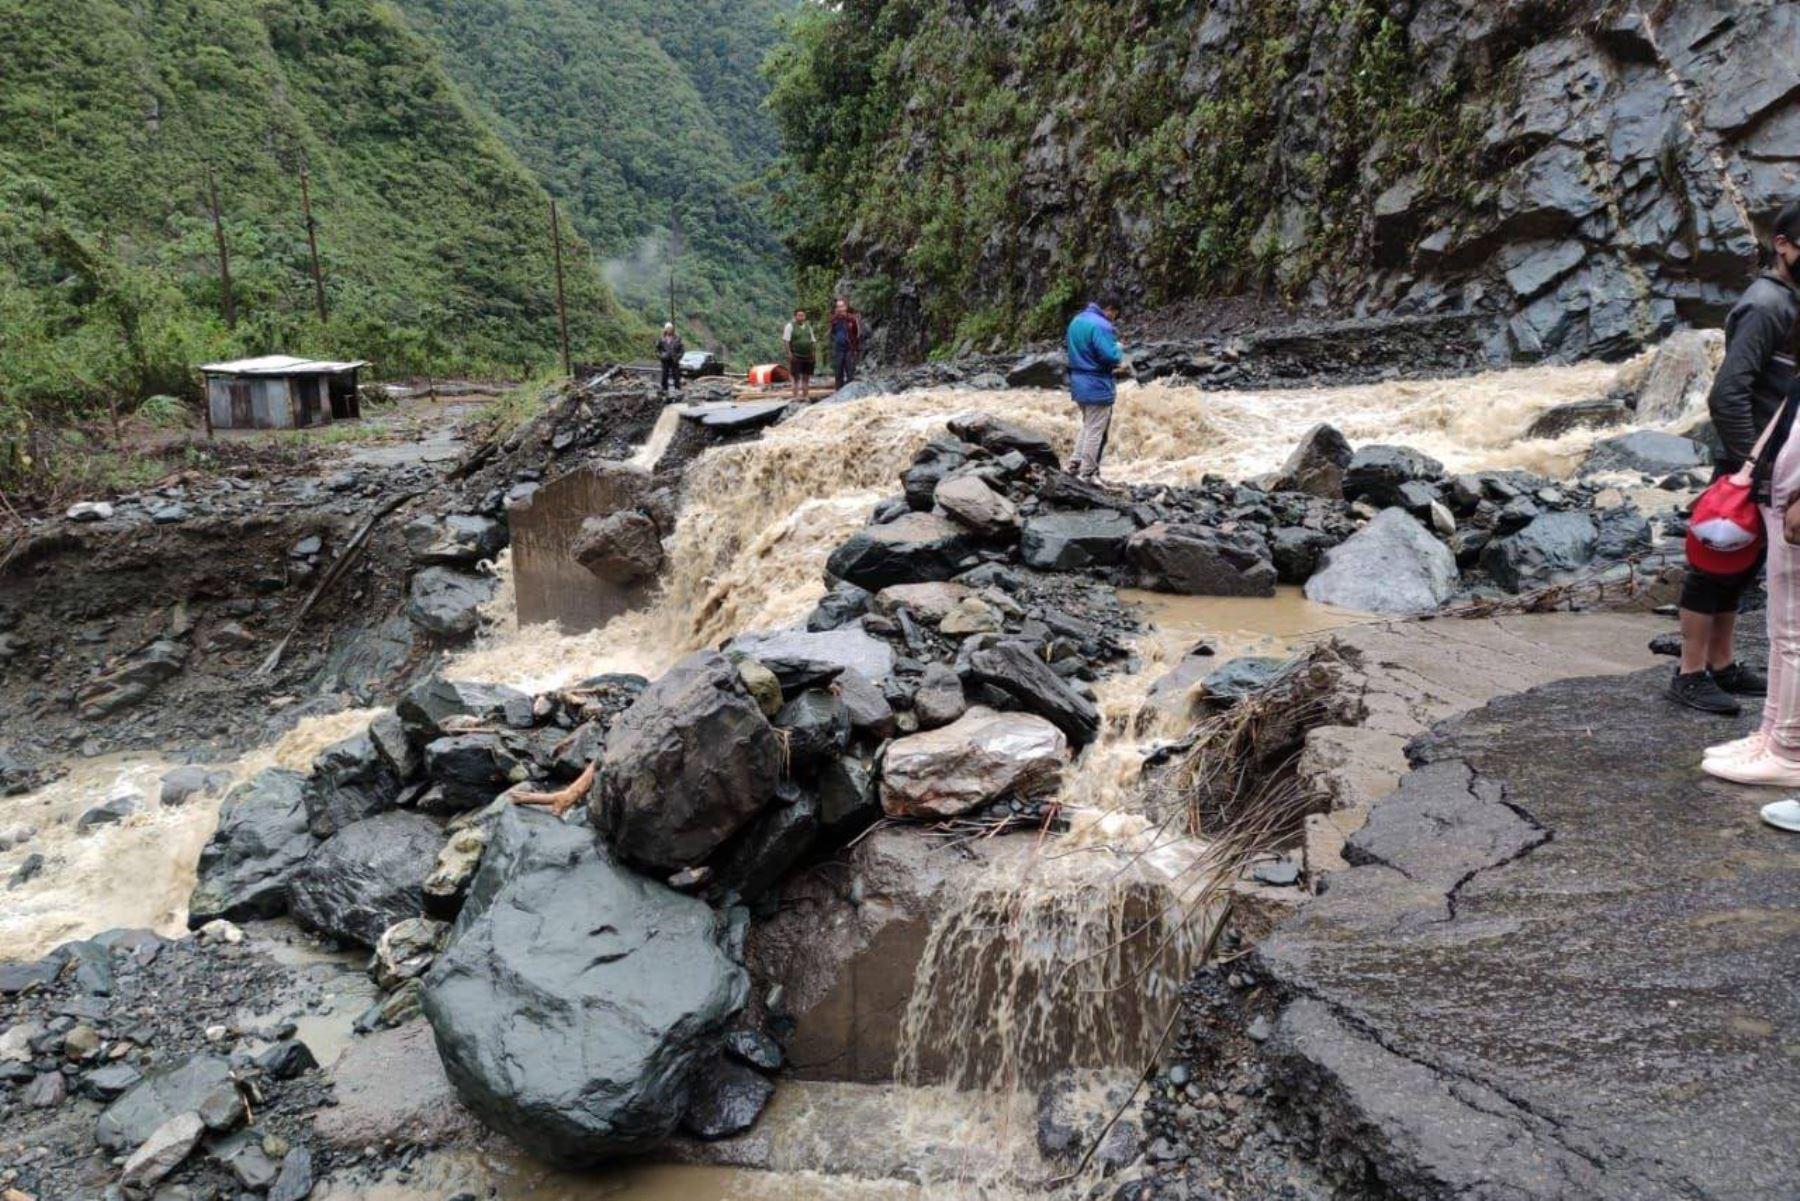 El Indeci pidió a las autoridades locales y regionales vigilar permanentemente el caudal de ríos y quebradas, evitar cruzarlos en caso aumente su caudal. Foto: ANDINA/Indeci